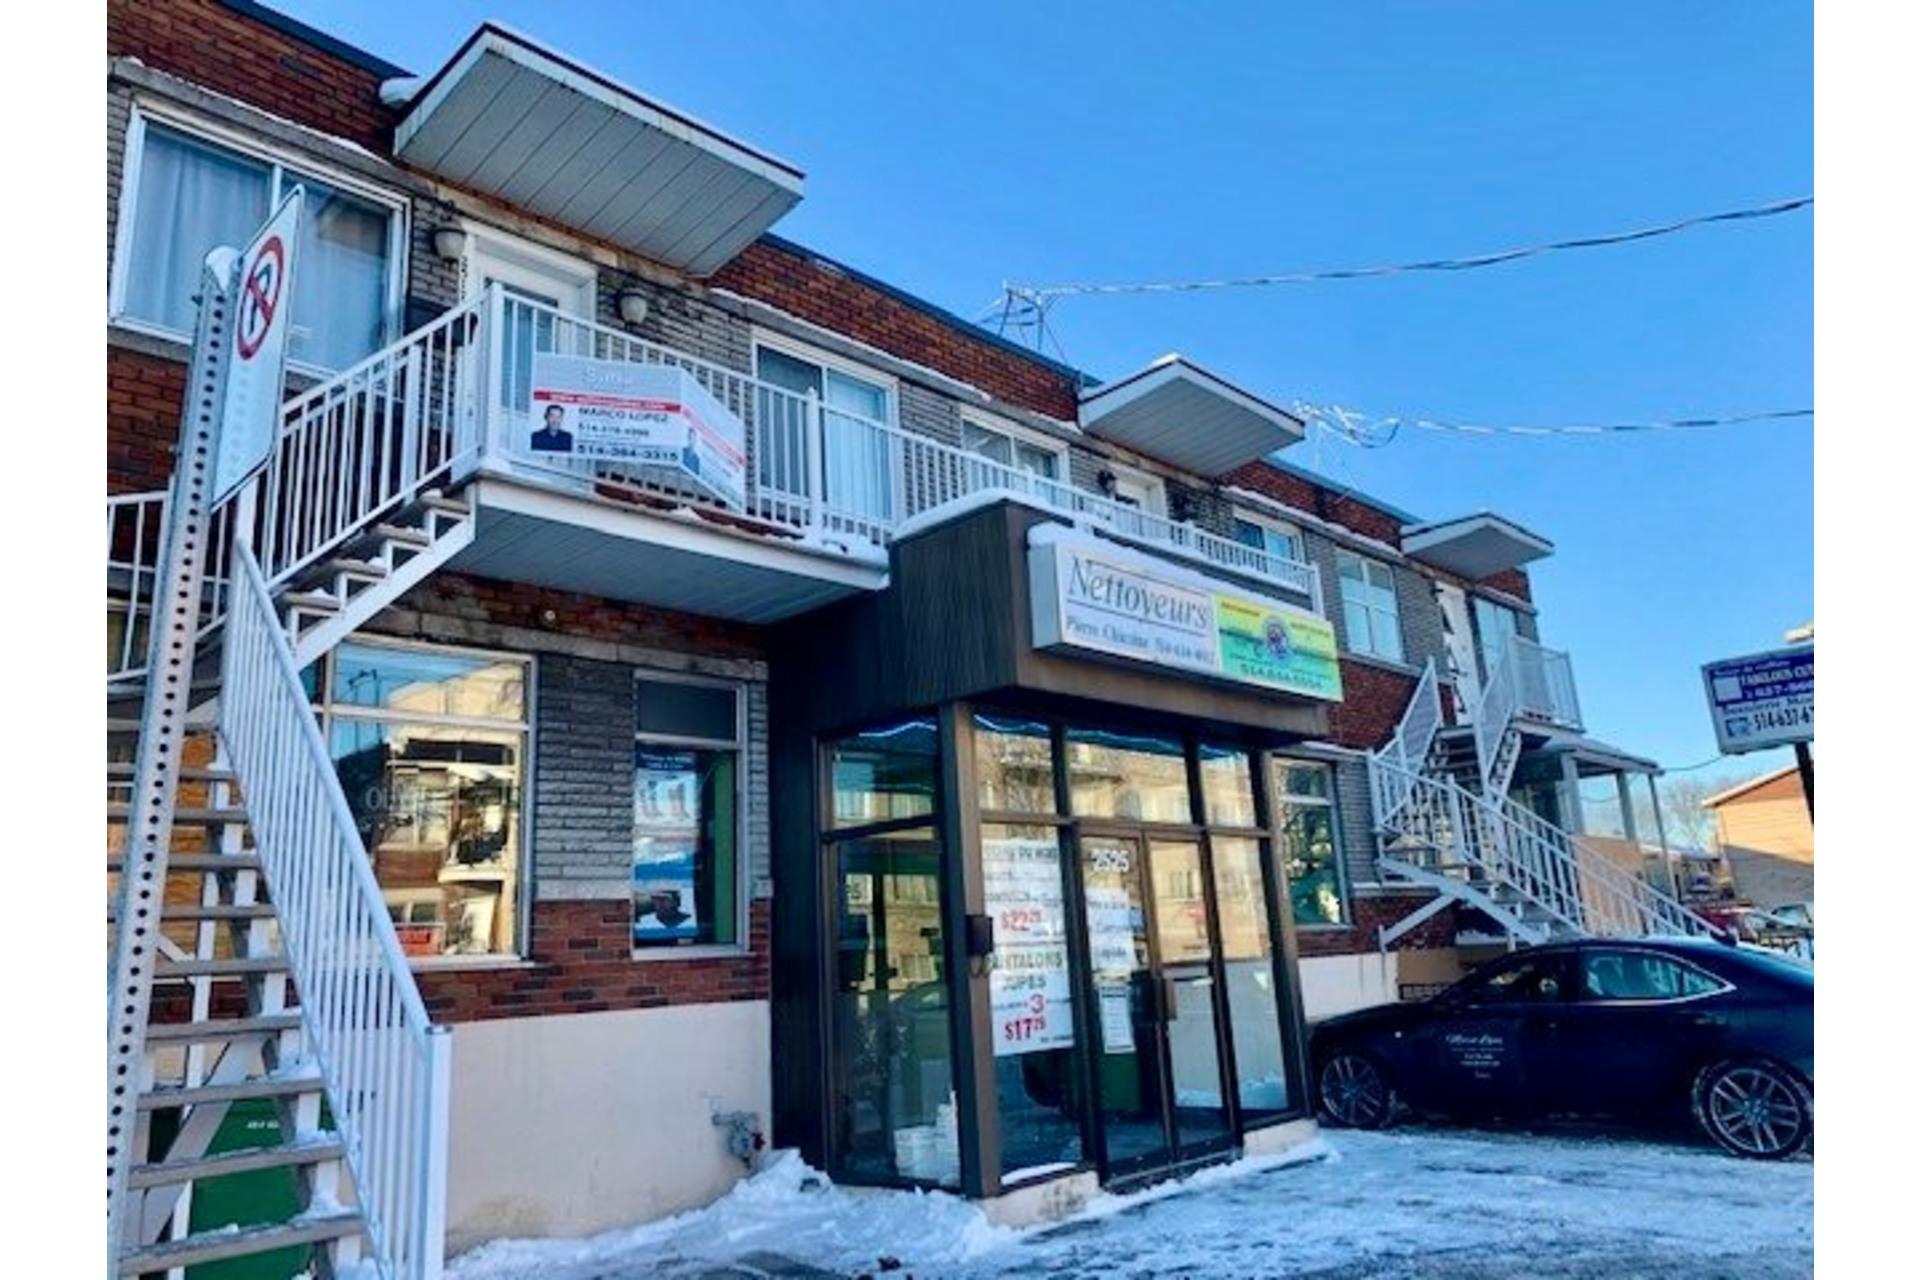 image 15 - Quadruplex En venta Lachine Montréal  - 5 habitaciones